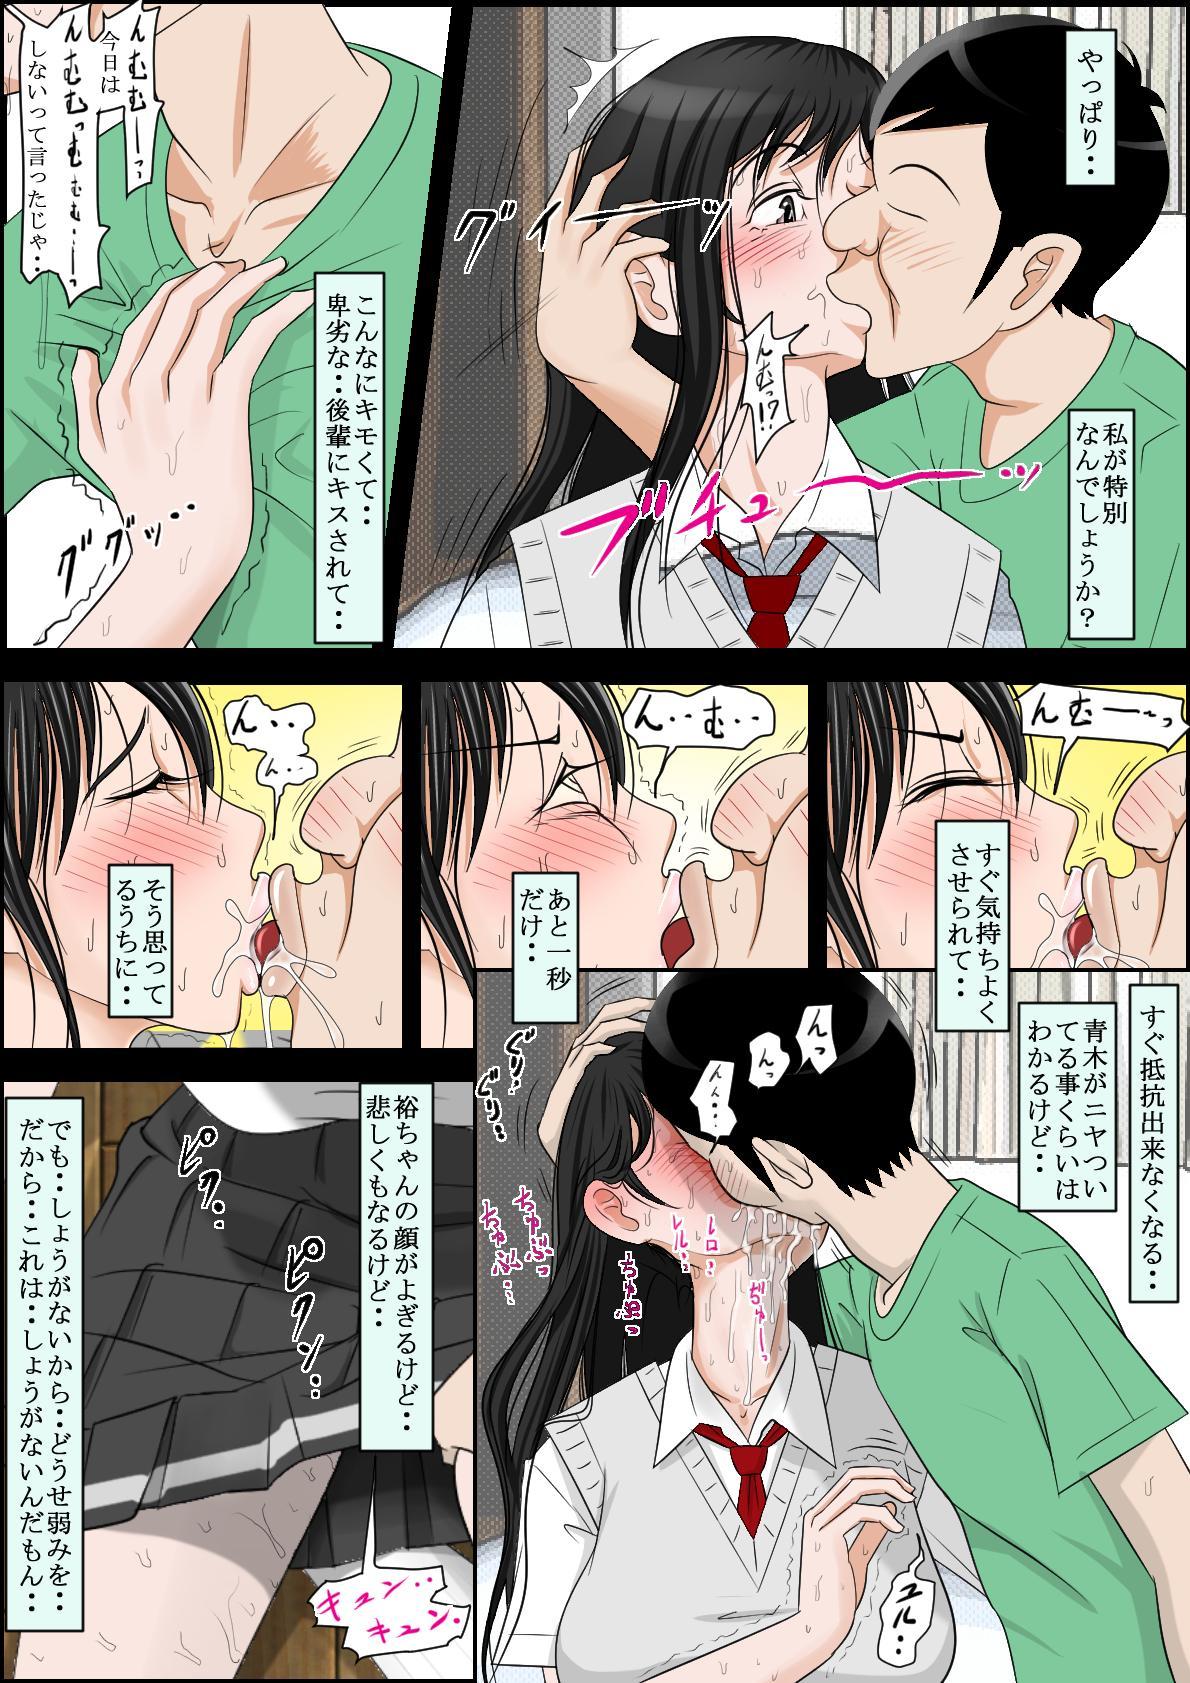 Aa, Senpai no Oniku, Yappa Yawarakaissu Vol. 6 11